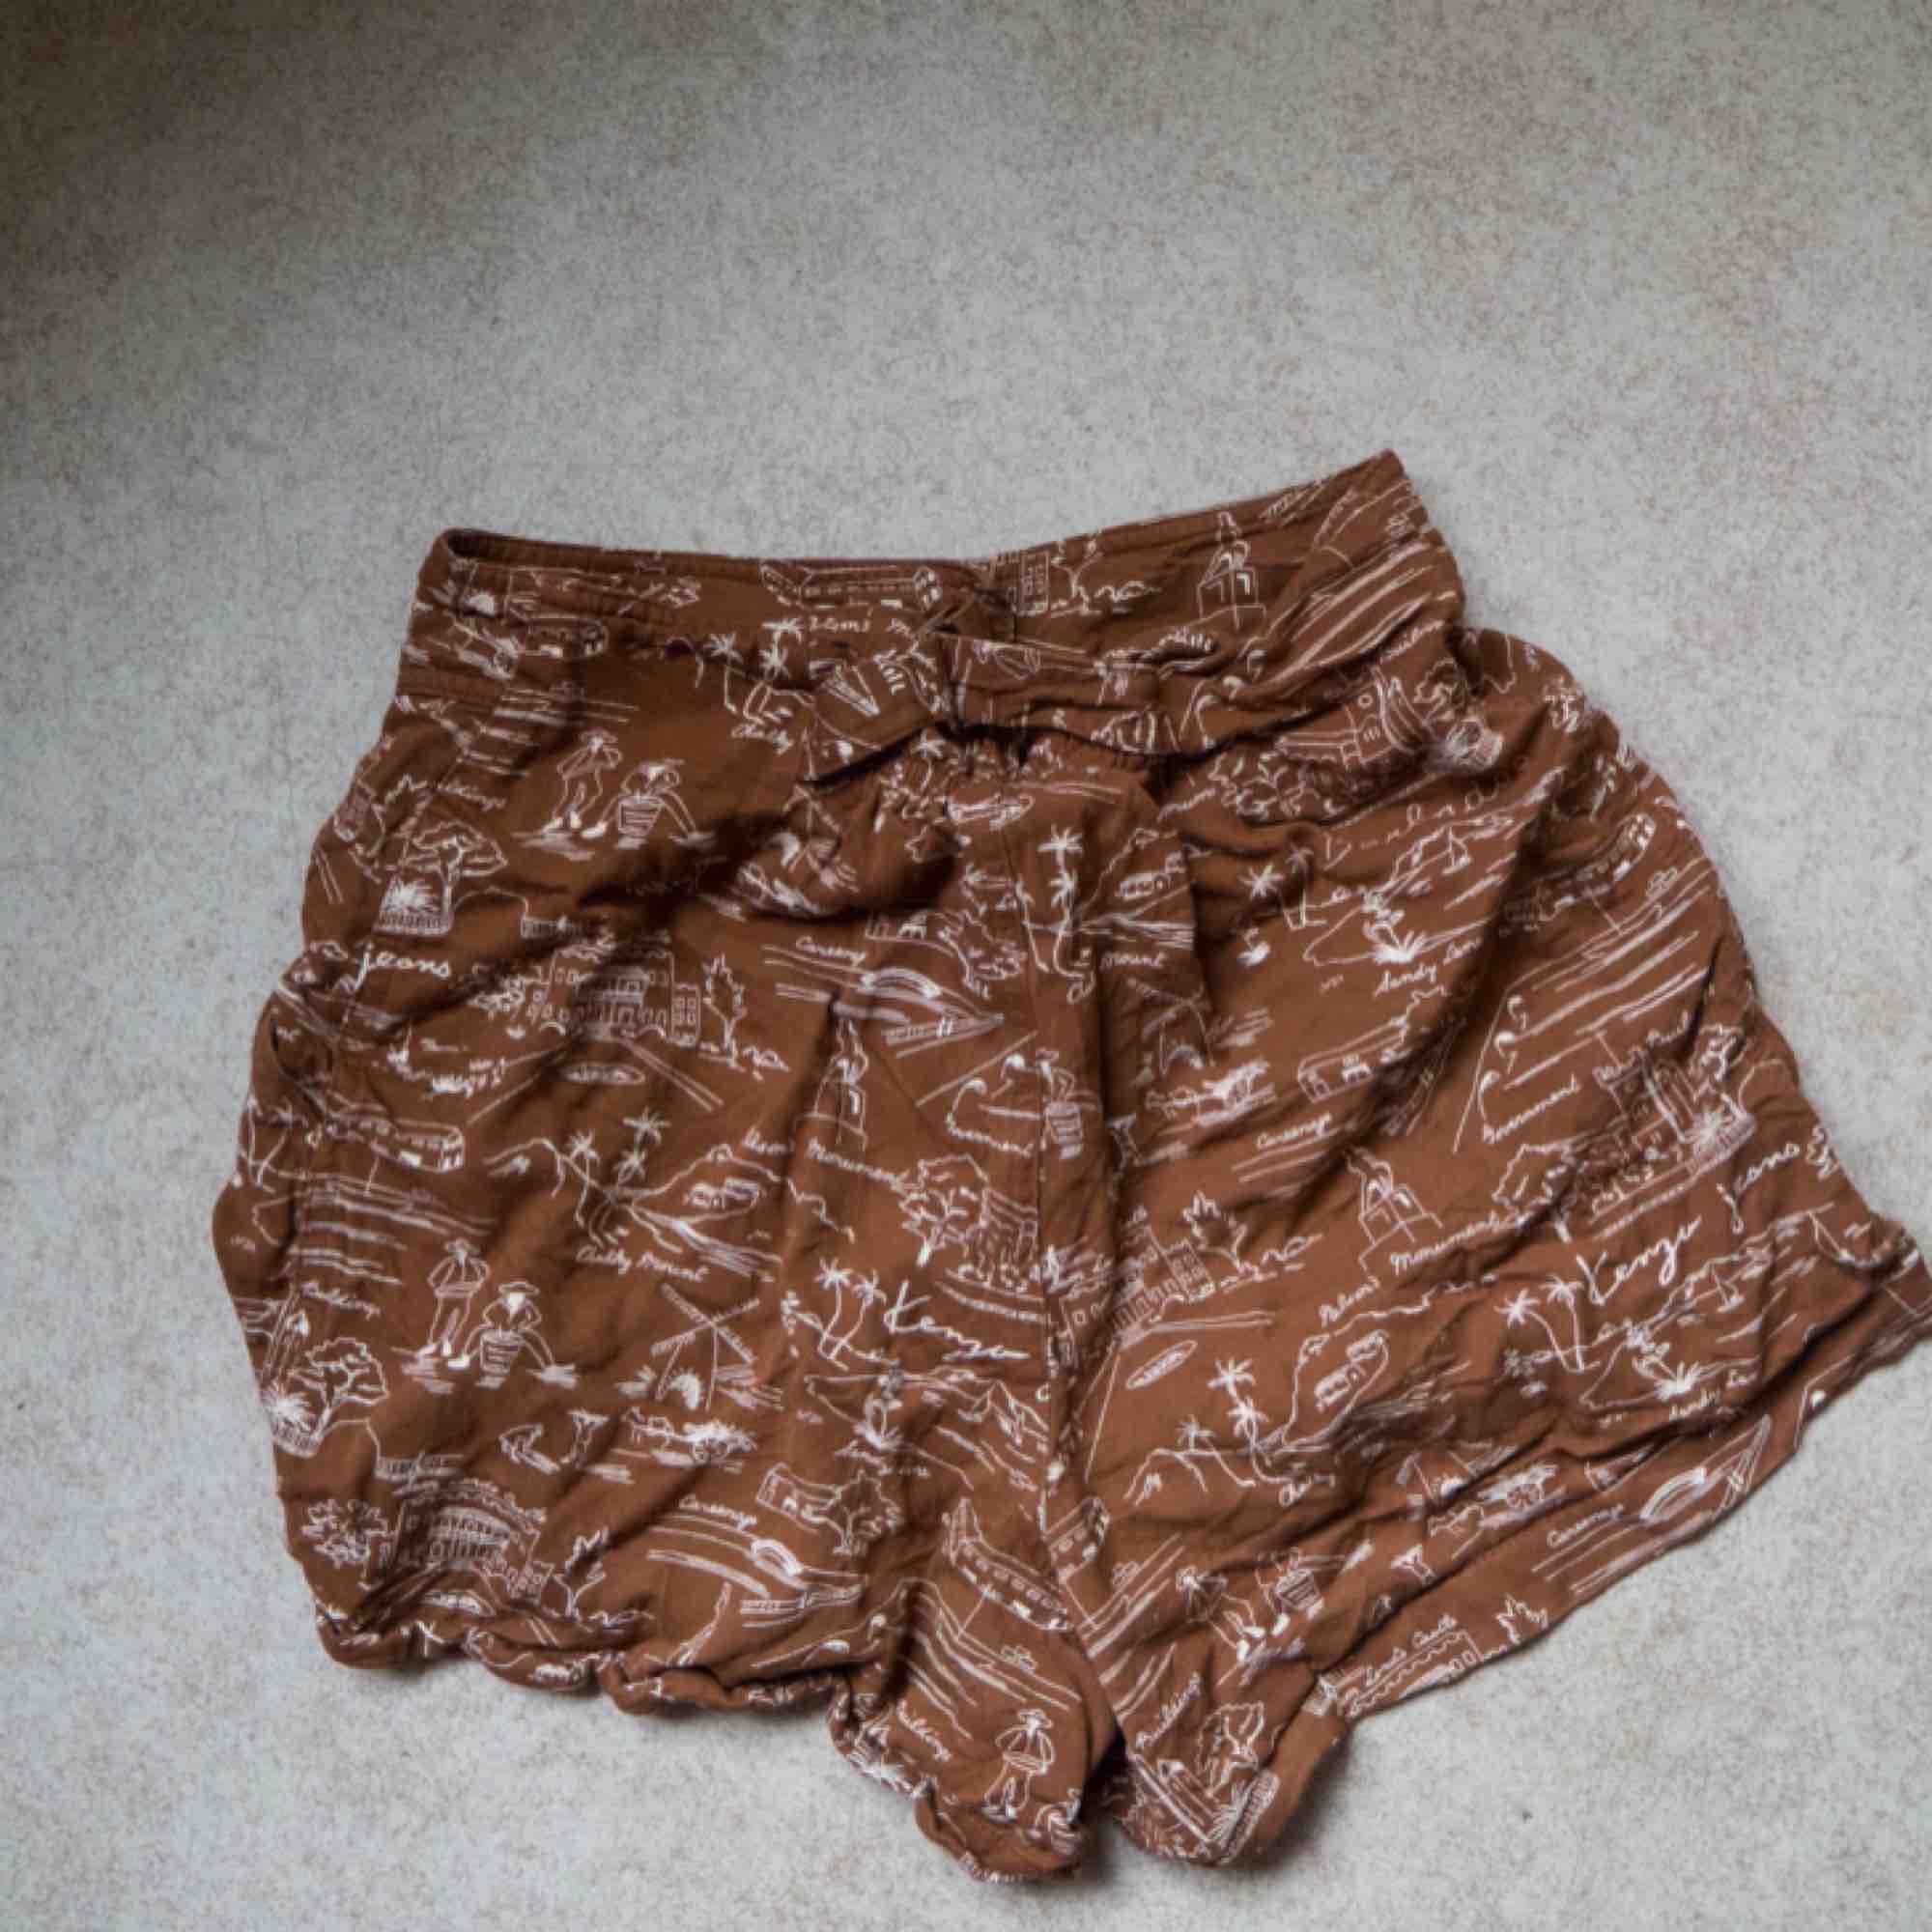 Välanvända men gott skick, superfina shorts men får inte på mig dom längre. . Shorts.